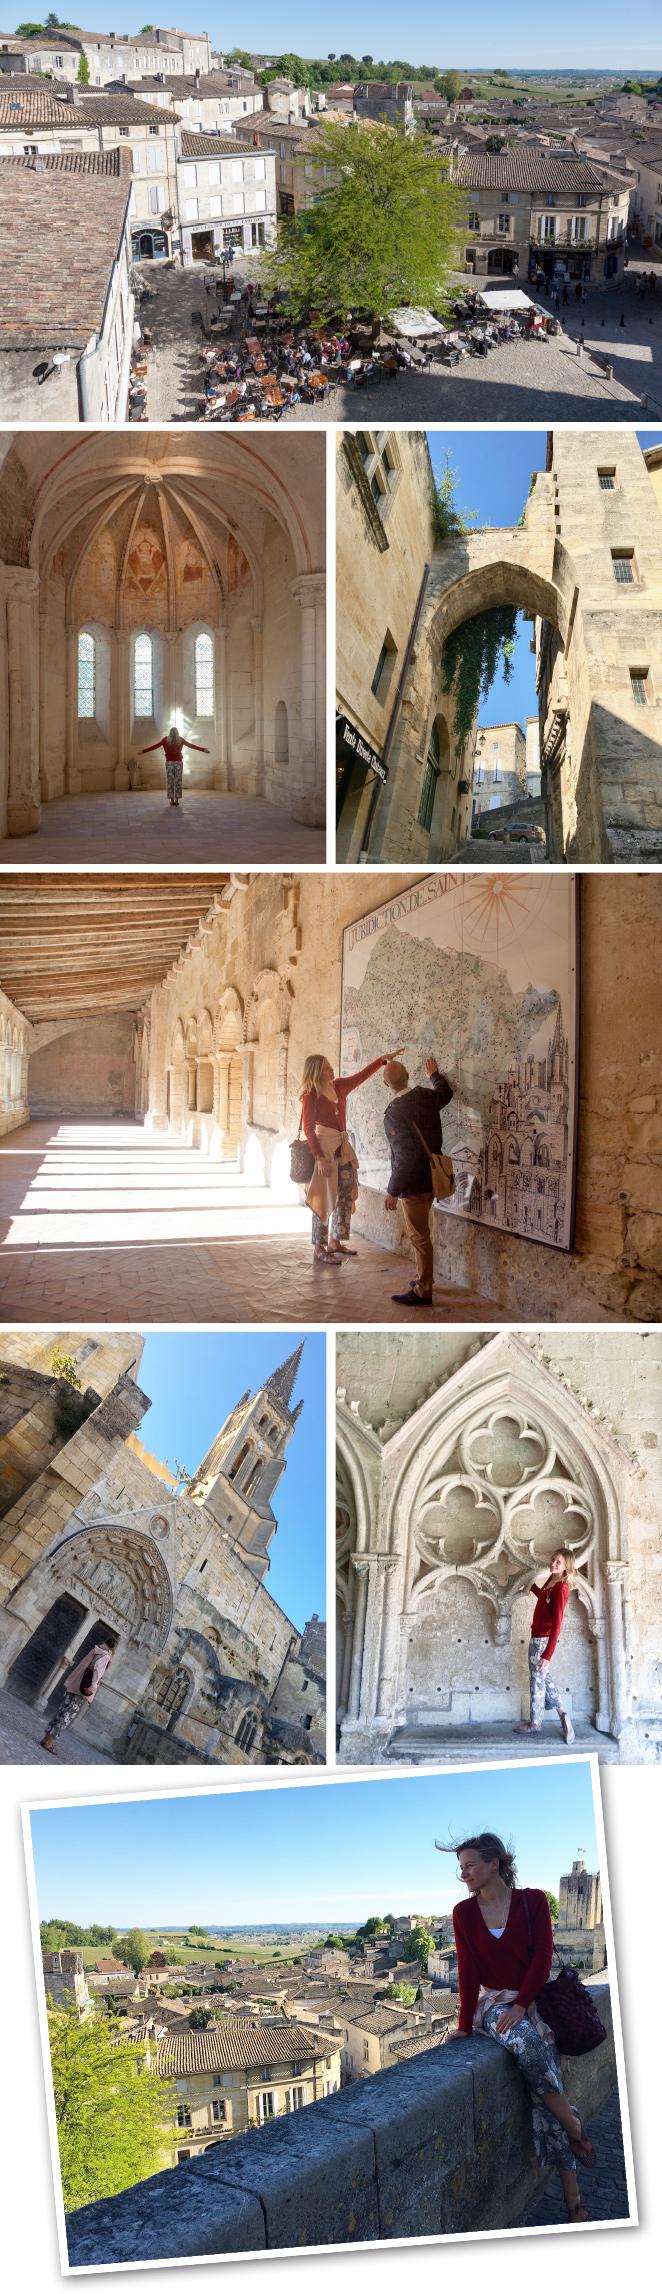 Saint Emilion, situado a una hora aproximadamente desde Burdeos en coche, es un pueblo medieval catalogado por la Unesco. Allí la gran protagonista es la piedra subterránea y hay cinco monasterios, una Iglesia monolítica (creada con una sola piedra), la capilla de la Trinidad (famosa por sus pinturas) o las catacumbas, además de la ermita de Emilion (el monje benedictino que fundó el pueblo en el siglo VIII), que alberga un famosísimo asiento de la fertilidad. Los claustros de los monasterios destilan una energía especial, sobre todo el de los agustinos que es verdaderamente maravilloso.